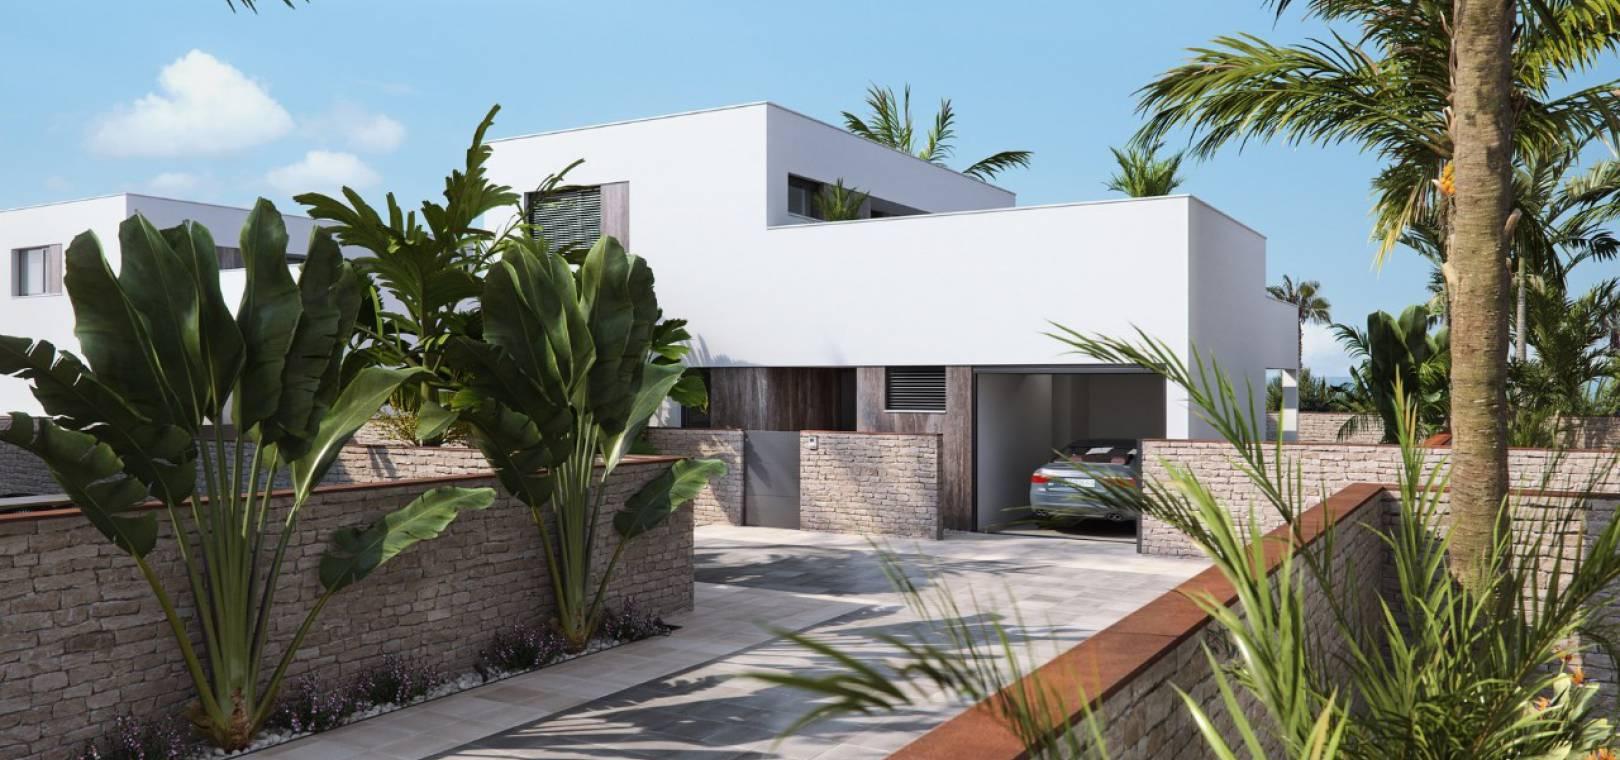 Torre_de_la_Horadada_New_Build_Luxury_Villas_For_Sale_nsp257_10